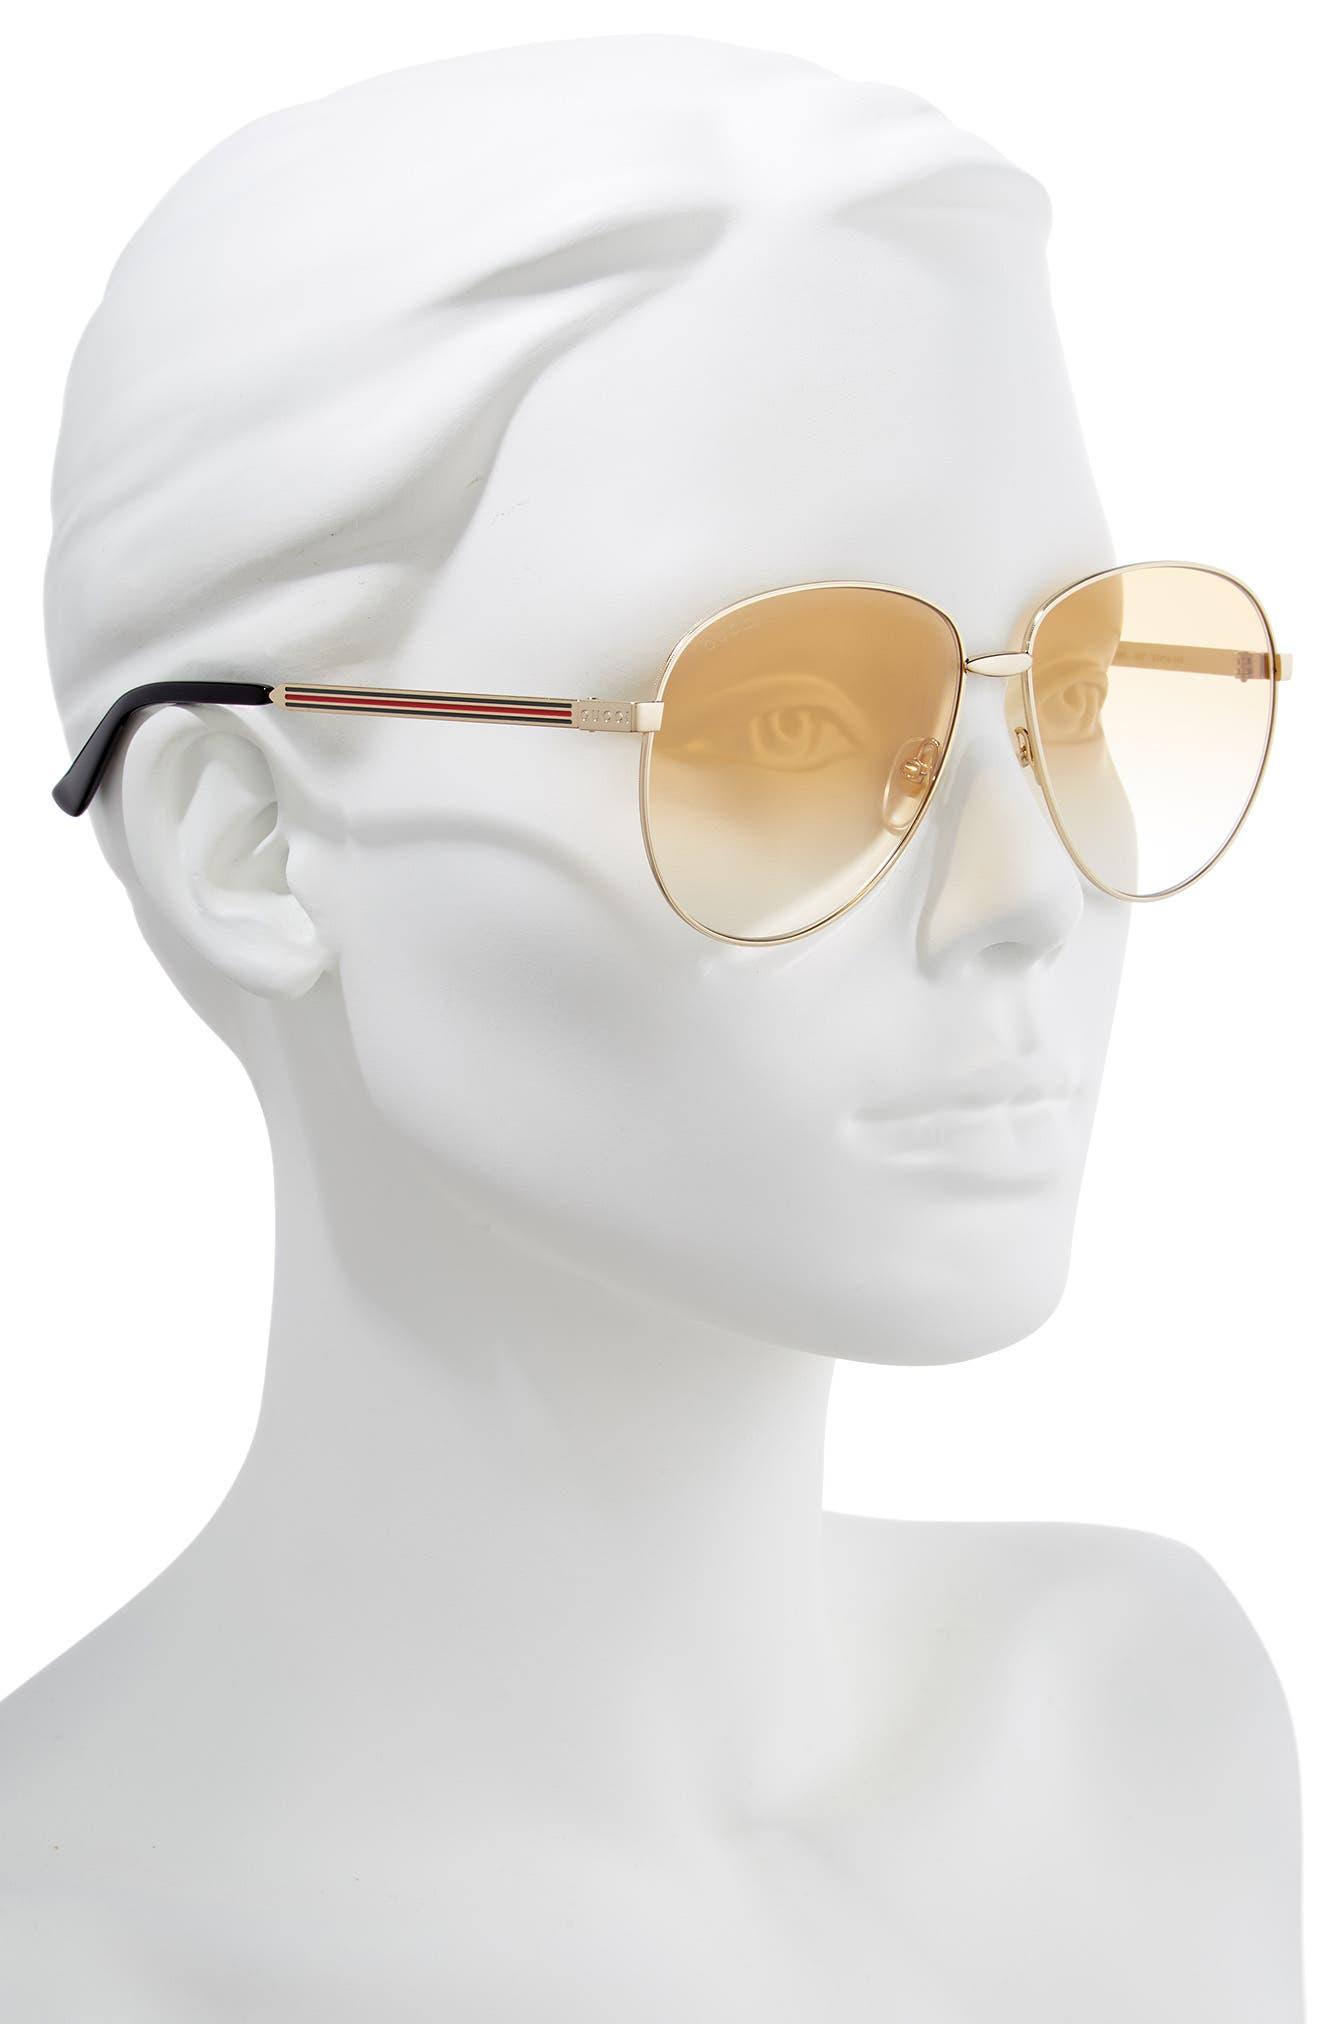 61mm Metal Aviator Sunglasses,                             Alternate thumbnail 2, color,                             GOLD/ BROWN GRADIENT